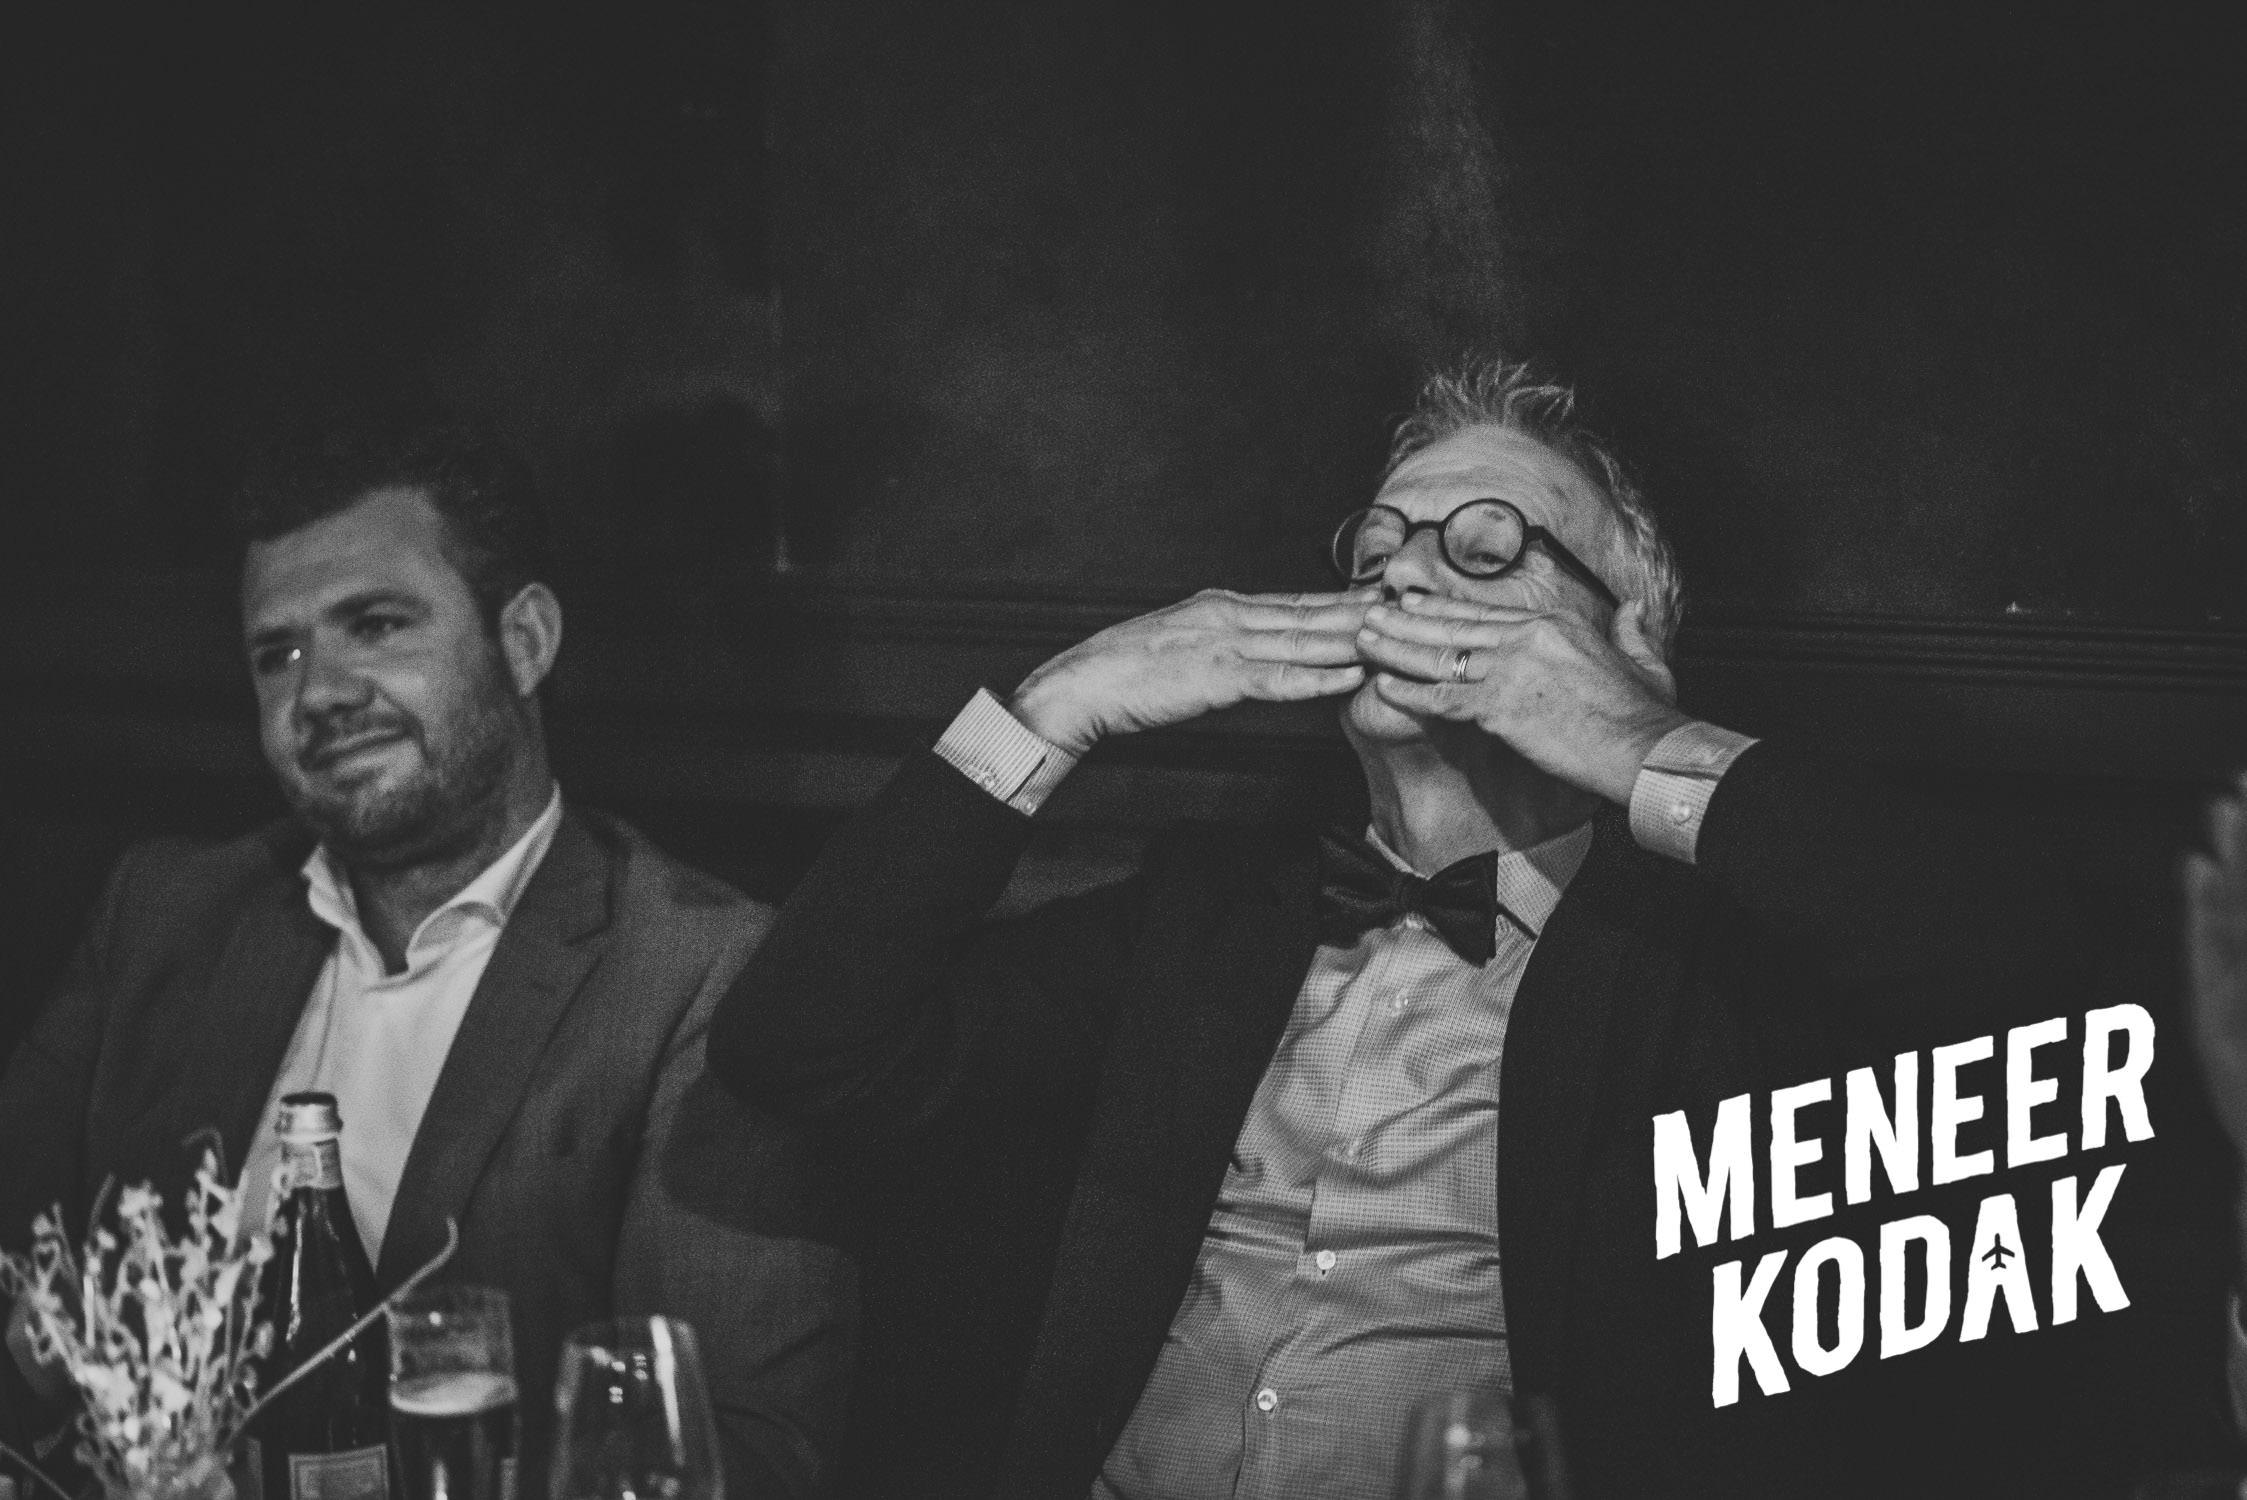 Meneer Kodak - Bruidsfotograaf - Breda - S&R-088.jpg